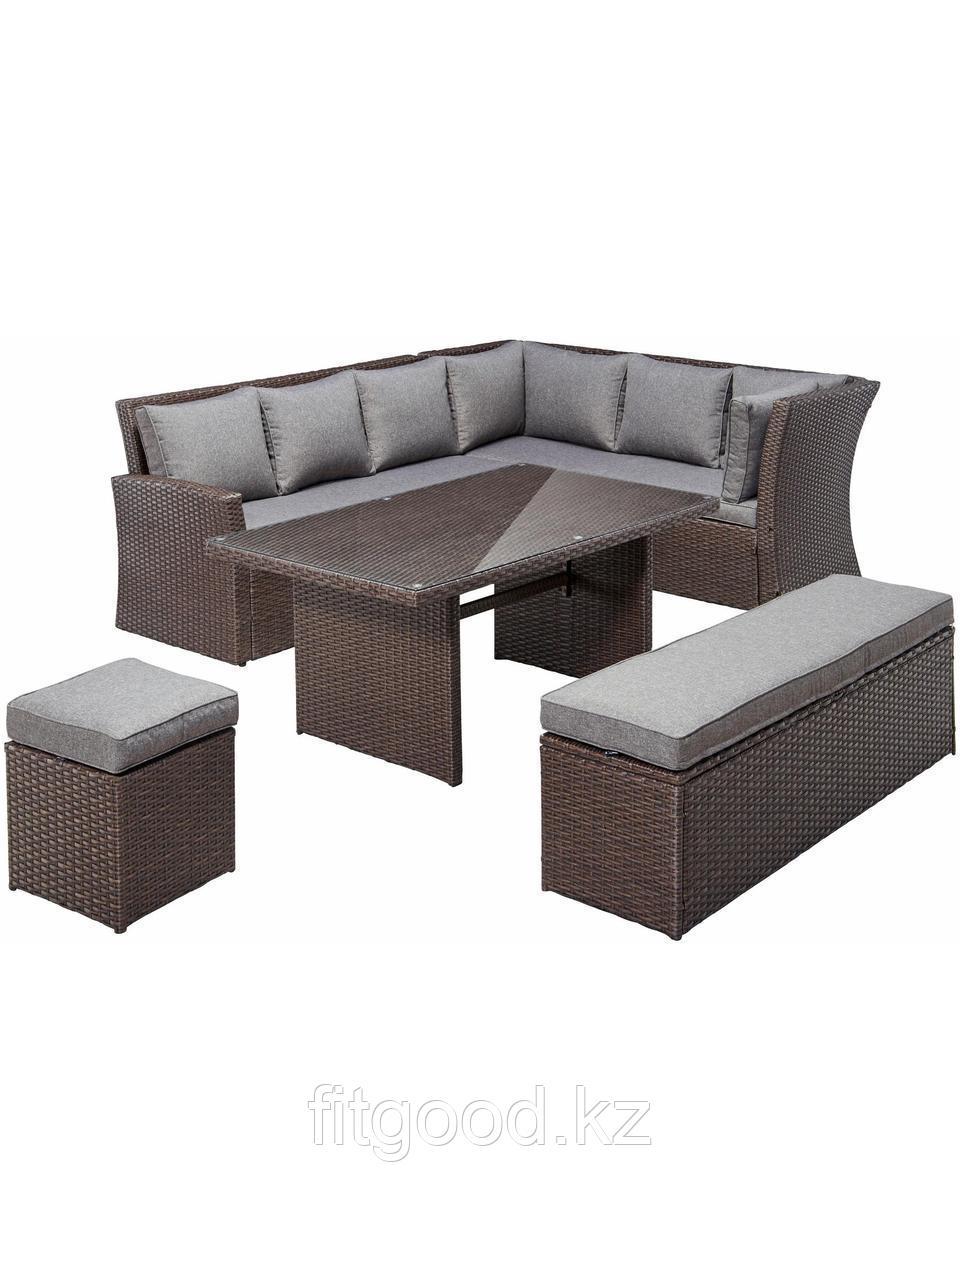 """Обеденная группа с диванами """"Рим"""" мебель-диван"""